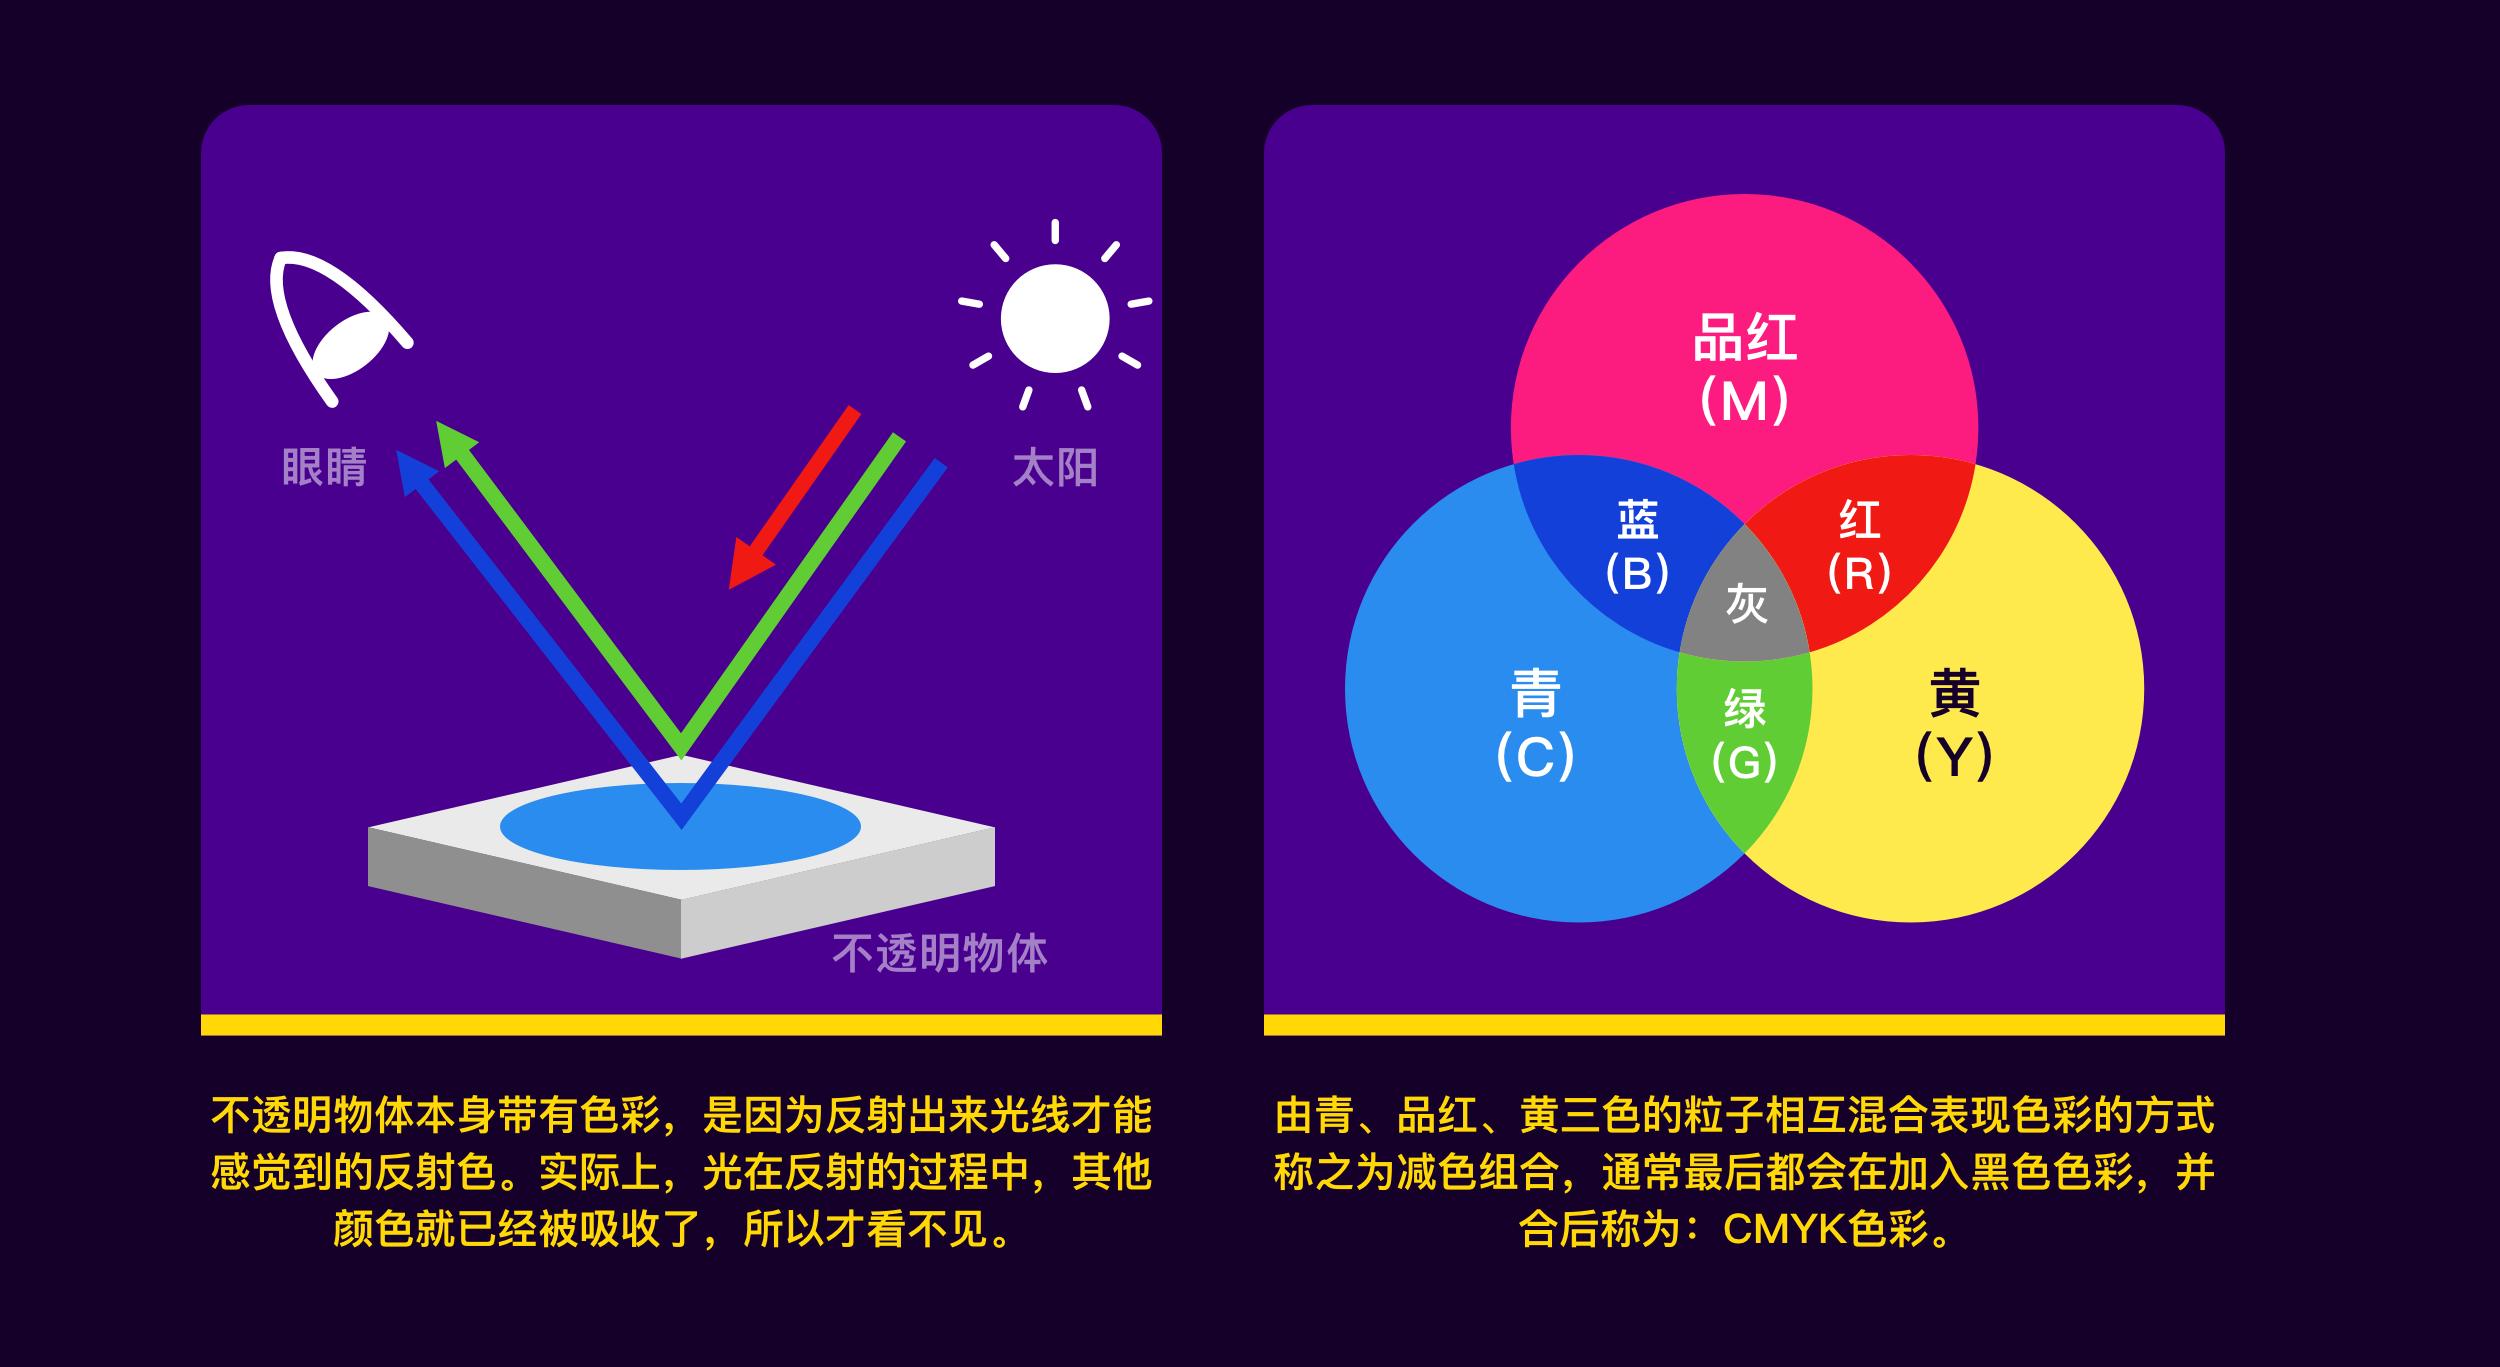 关于色彩知识的全方位贯穿式深入剖析,本篇文章主要围绕色彩原理到选取方式的分析阐述。